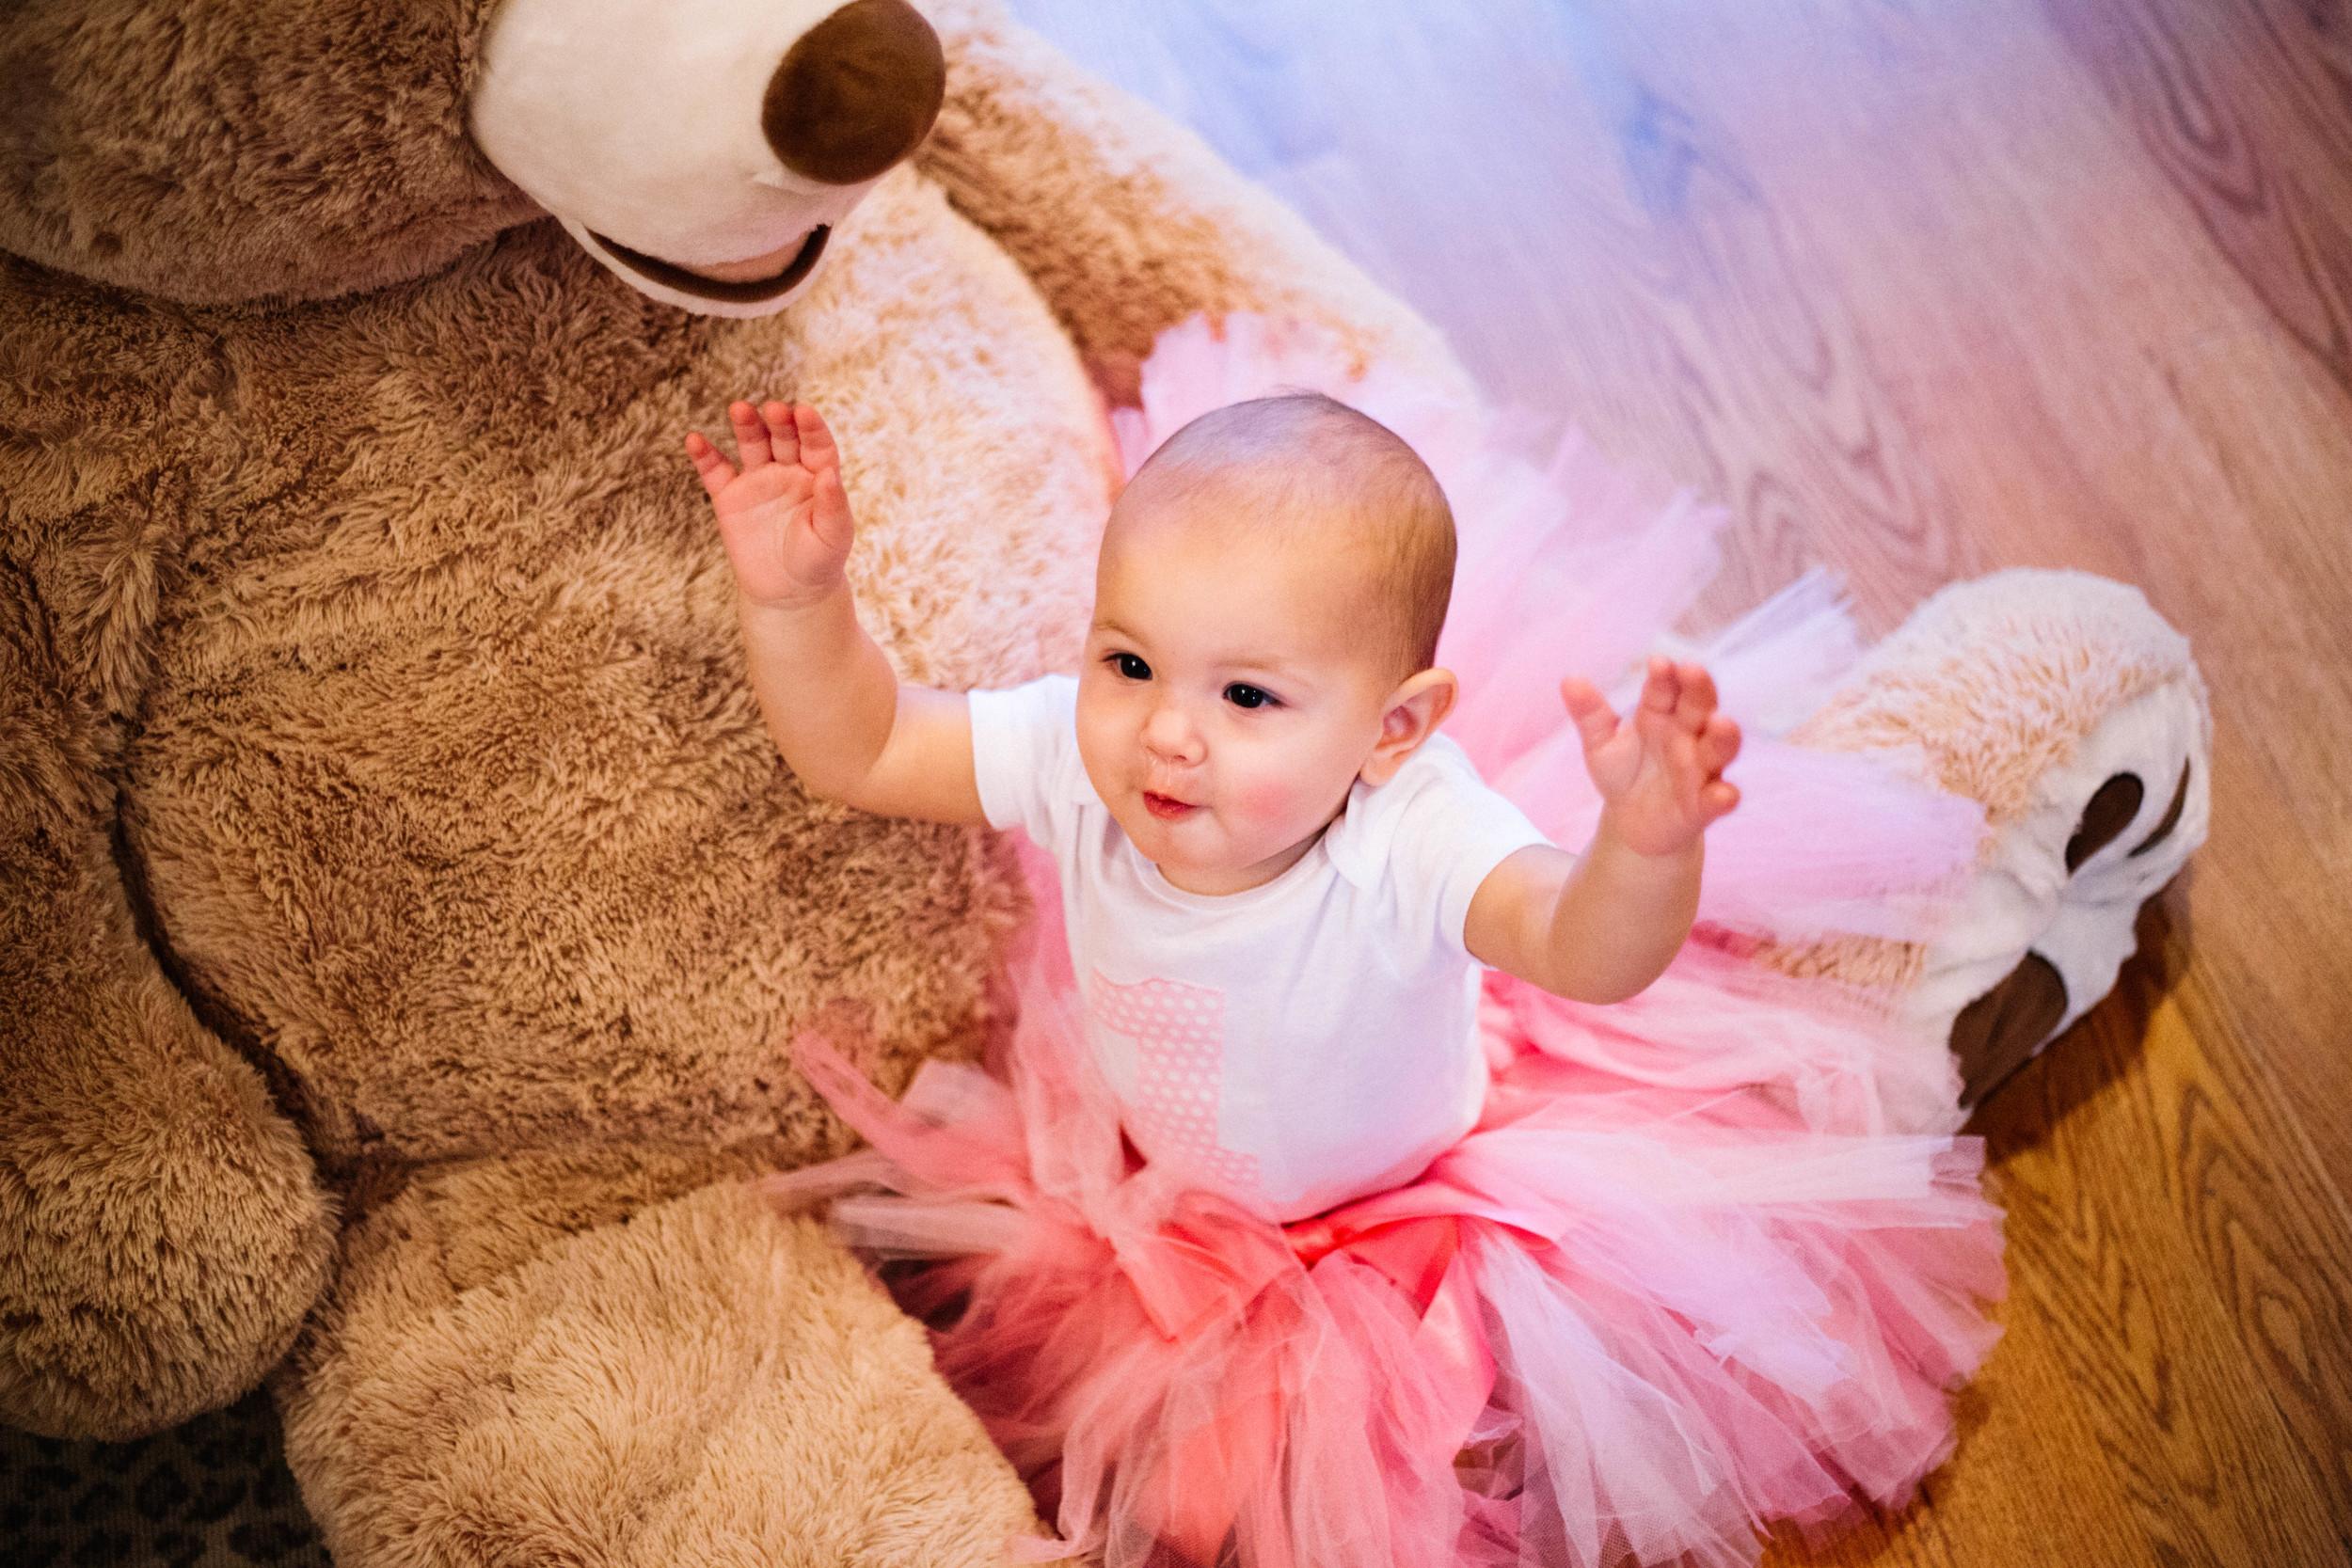 baby_girl_riley